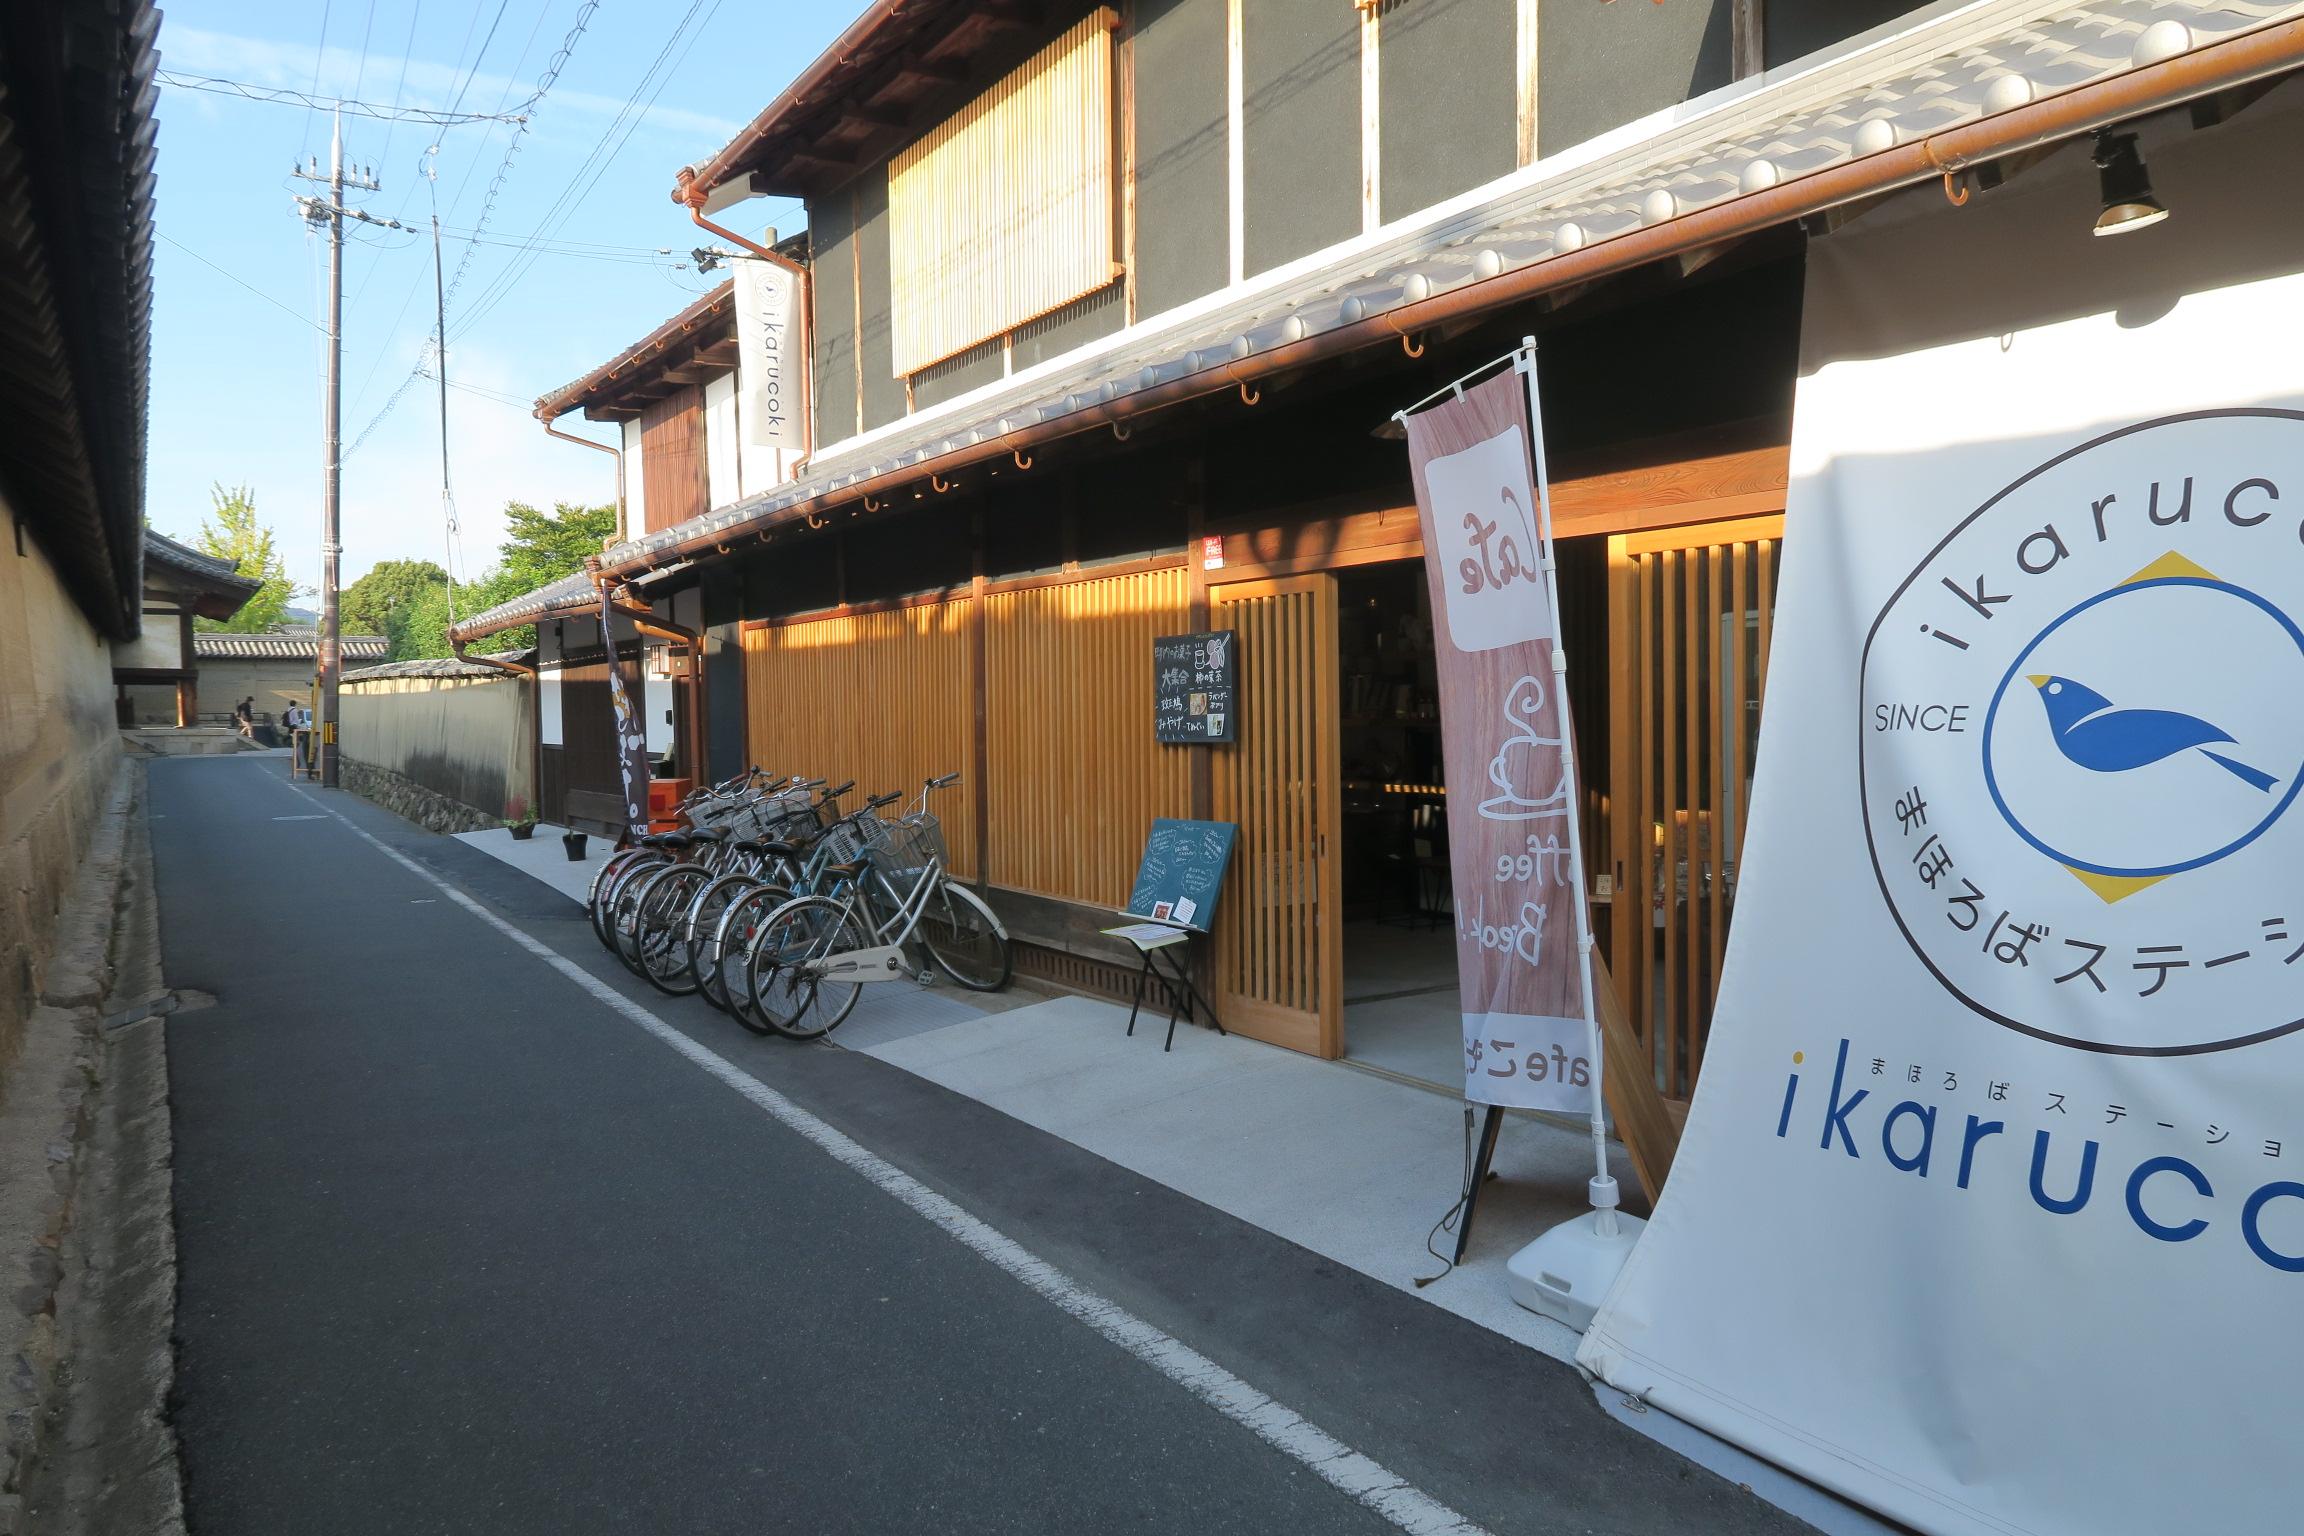 法隆寺東門の近くにオープンしたばかりの「まほろばステーション」。お土産屋やカフェがありました。